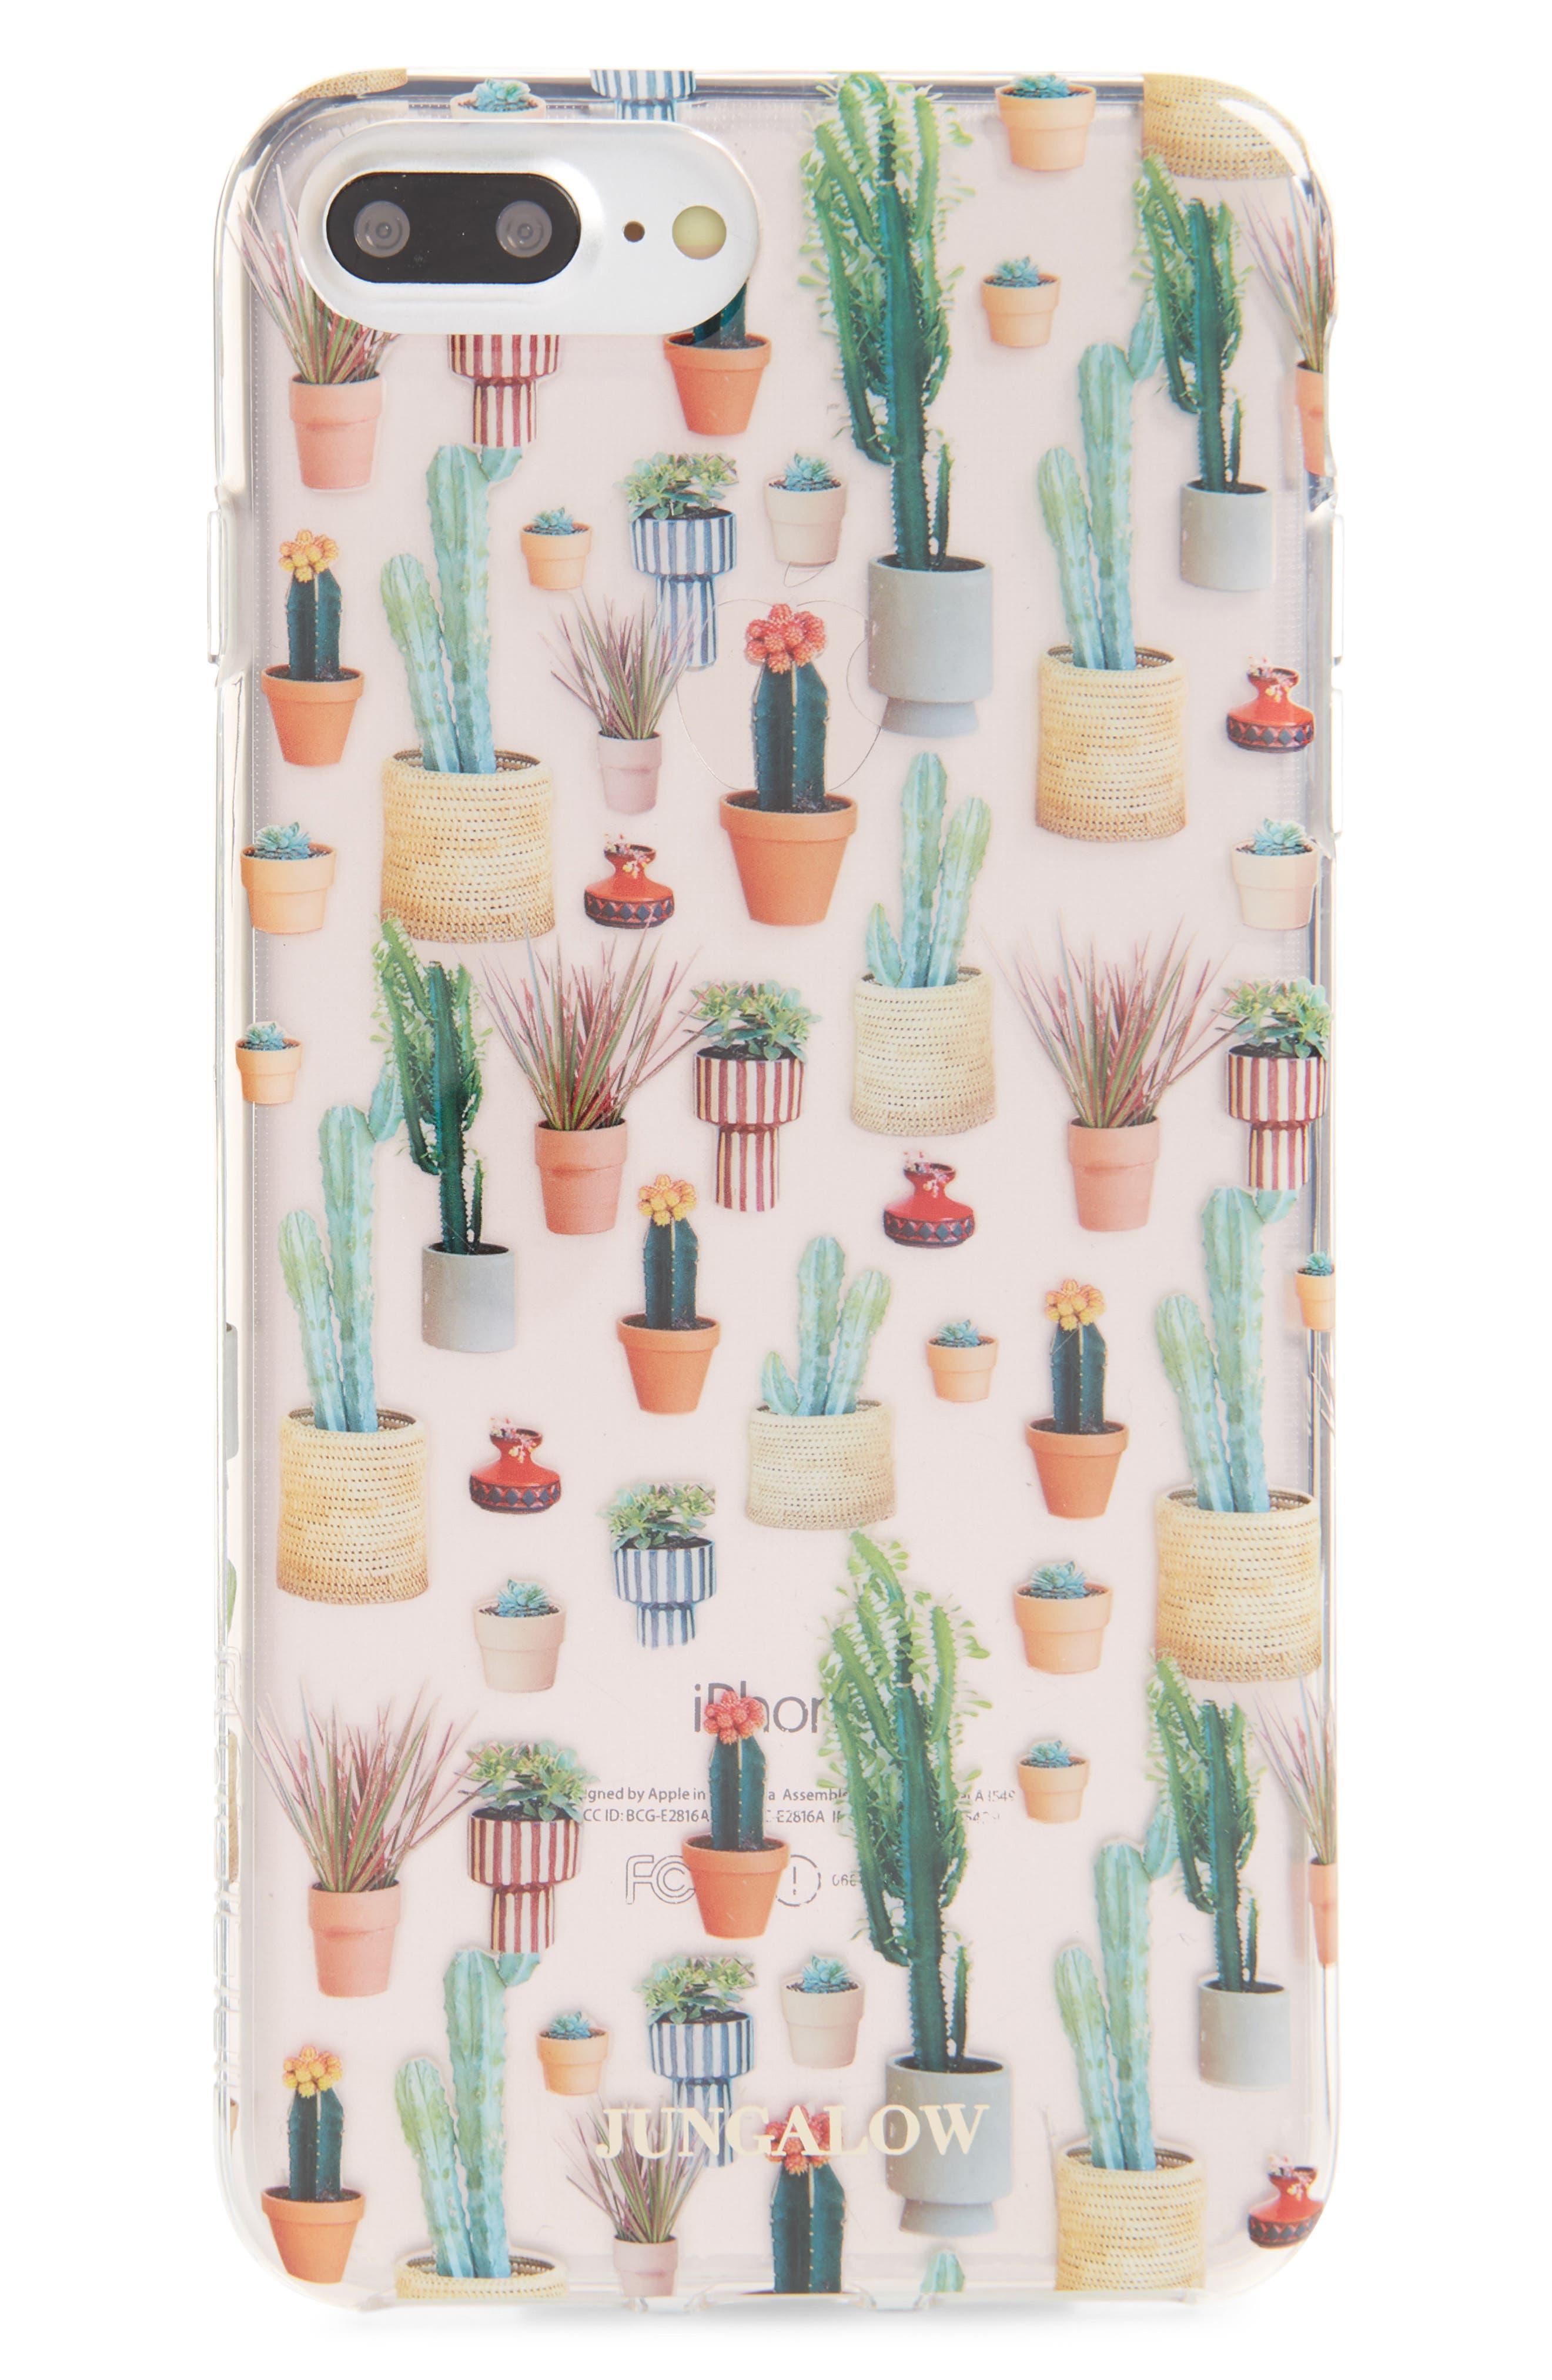 Jungalow Potted Plant iPhone 7/8 & 7/8 Plus Case,                         Main,                         color,